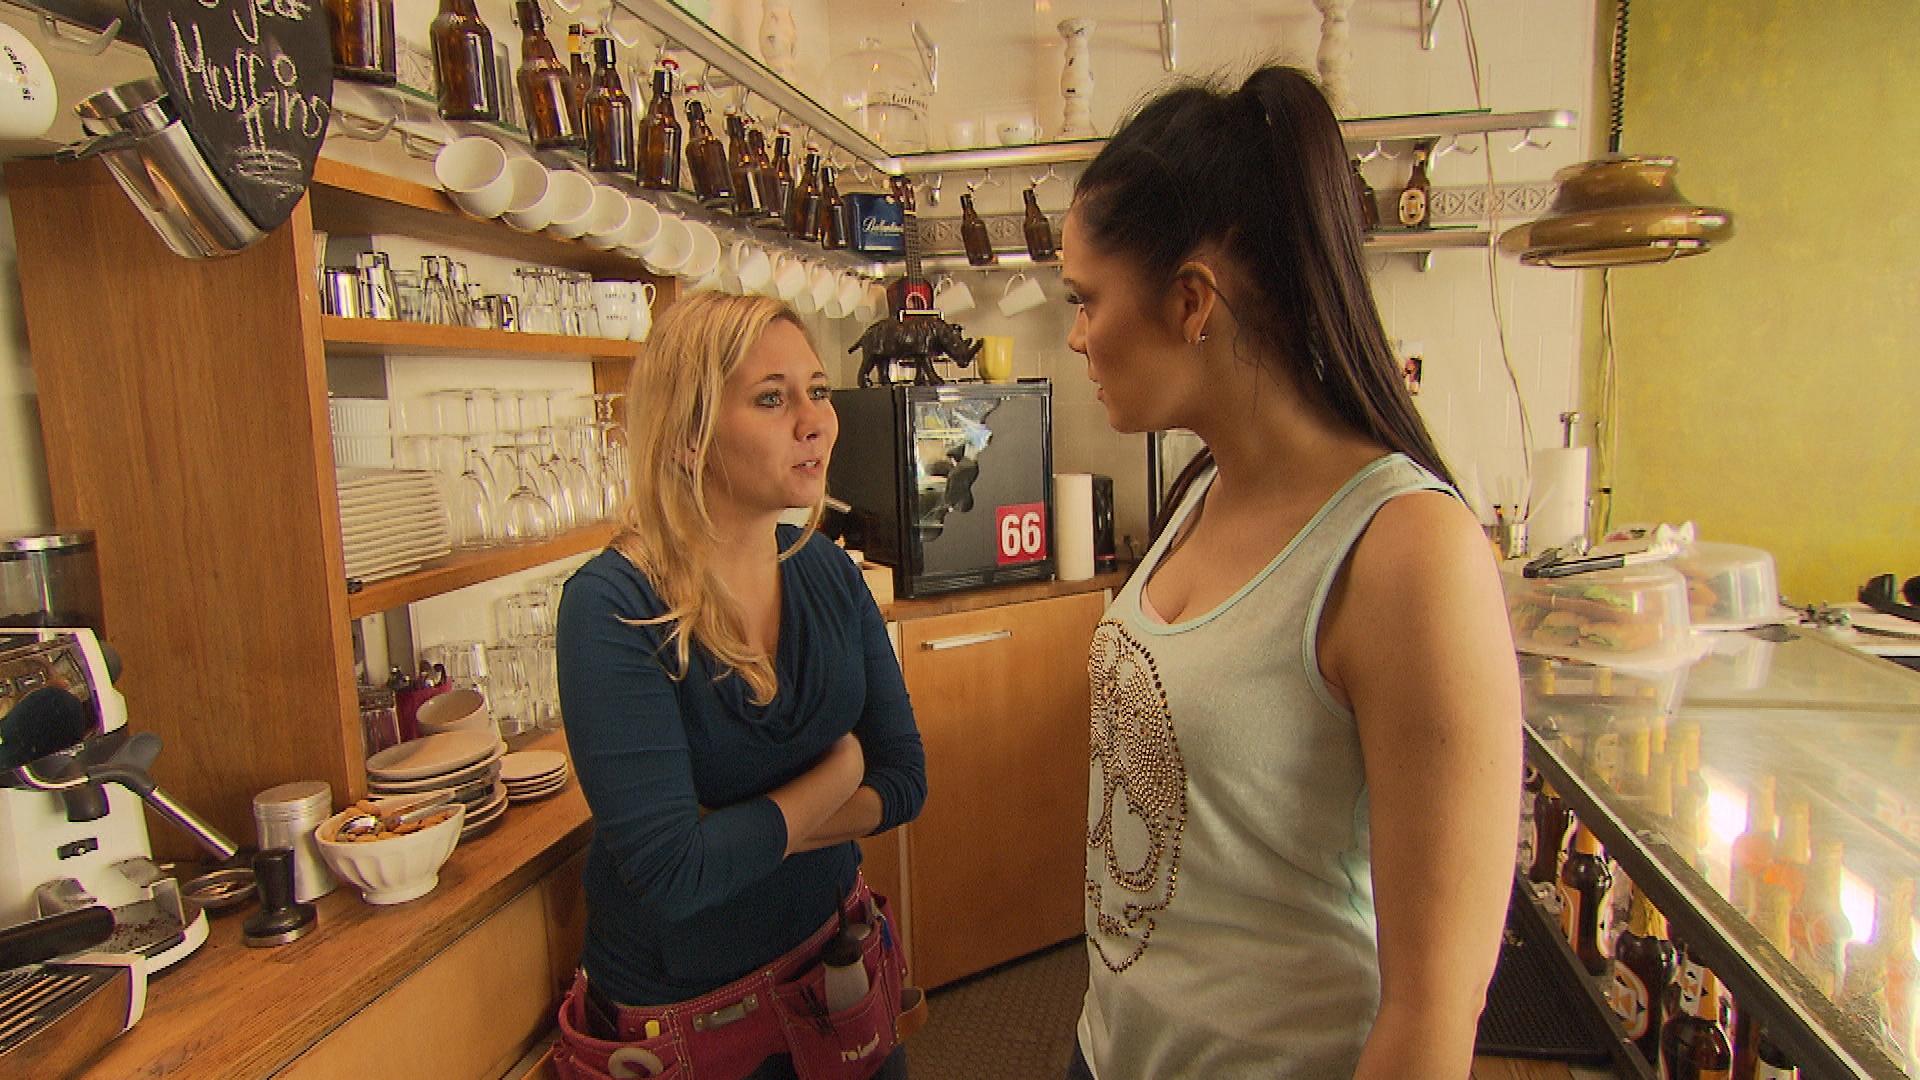 Chantal erkennt nach dem gestrigen Streit mit Kevin, dass sie durch ihre muffelige Art häufig Kunden vergrault – im Gegensatz zur immer strahlenden Yvonne. (Quelle: RTL 2)